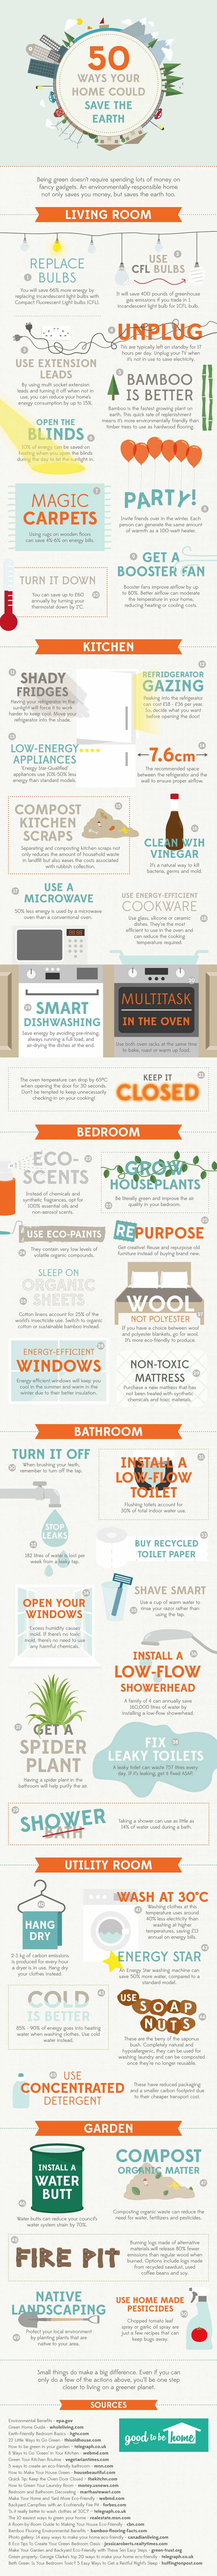 Infographic Red de aarde met jouw huis